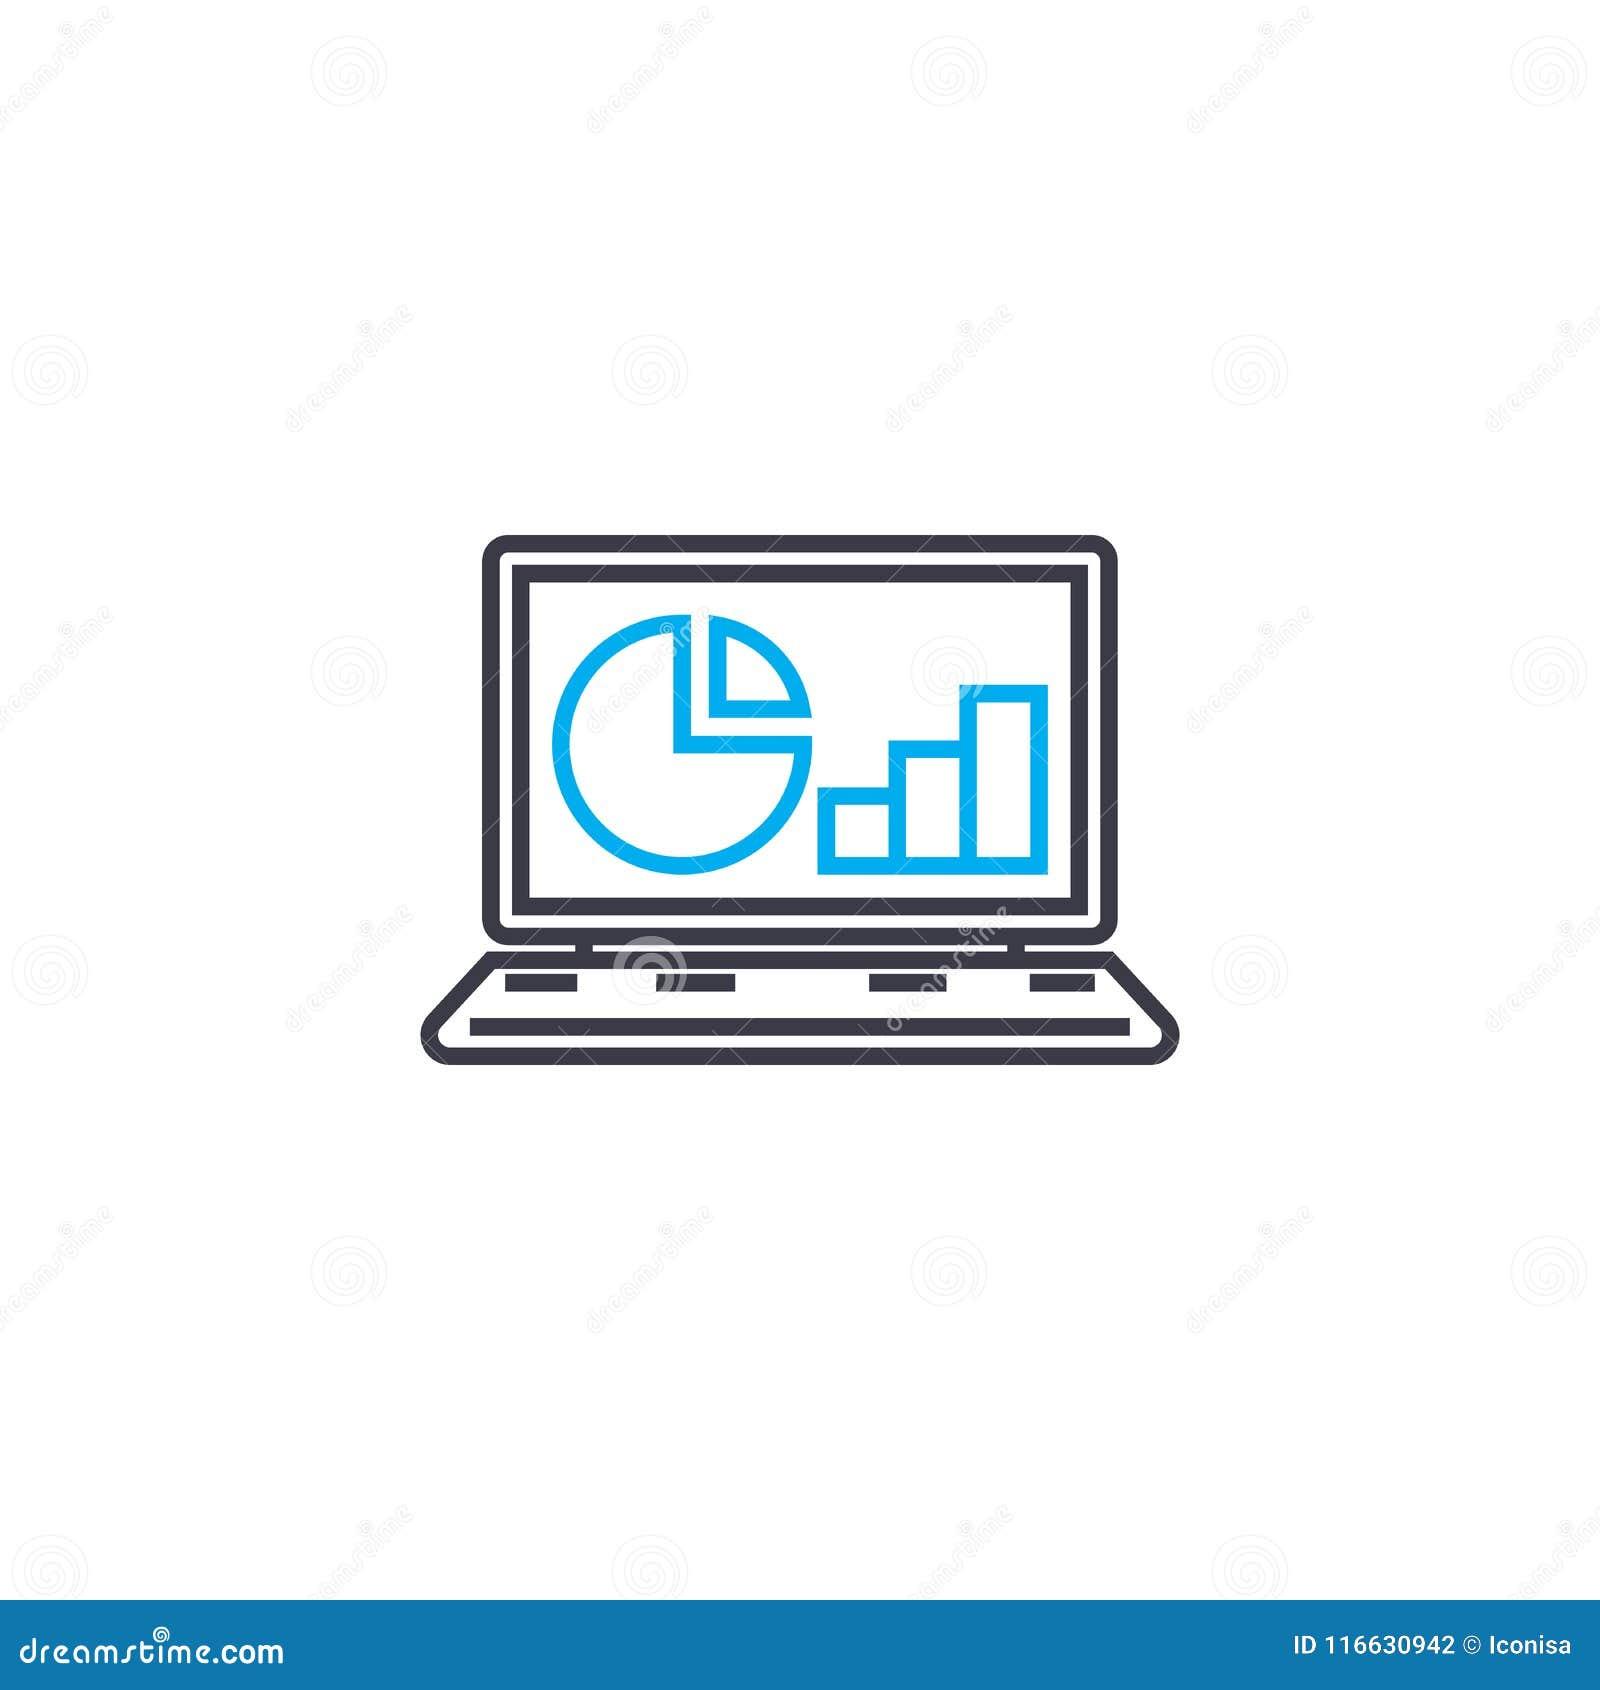 Σε απευθείας σύνδεση εικονίδιο κτυπήματος γραμμών εκθέσεων διανυσματικό λεπτό Σε απευθείας σύνδεση απεικόνιση περιλήψεων εκθέσεων